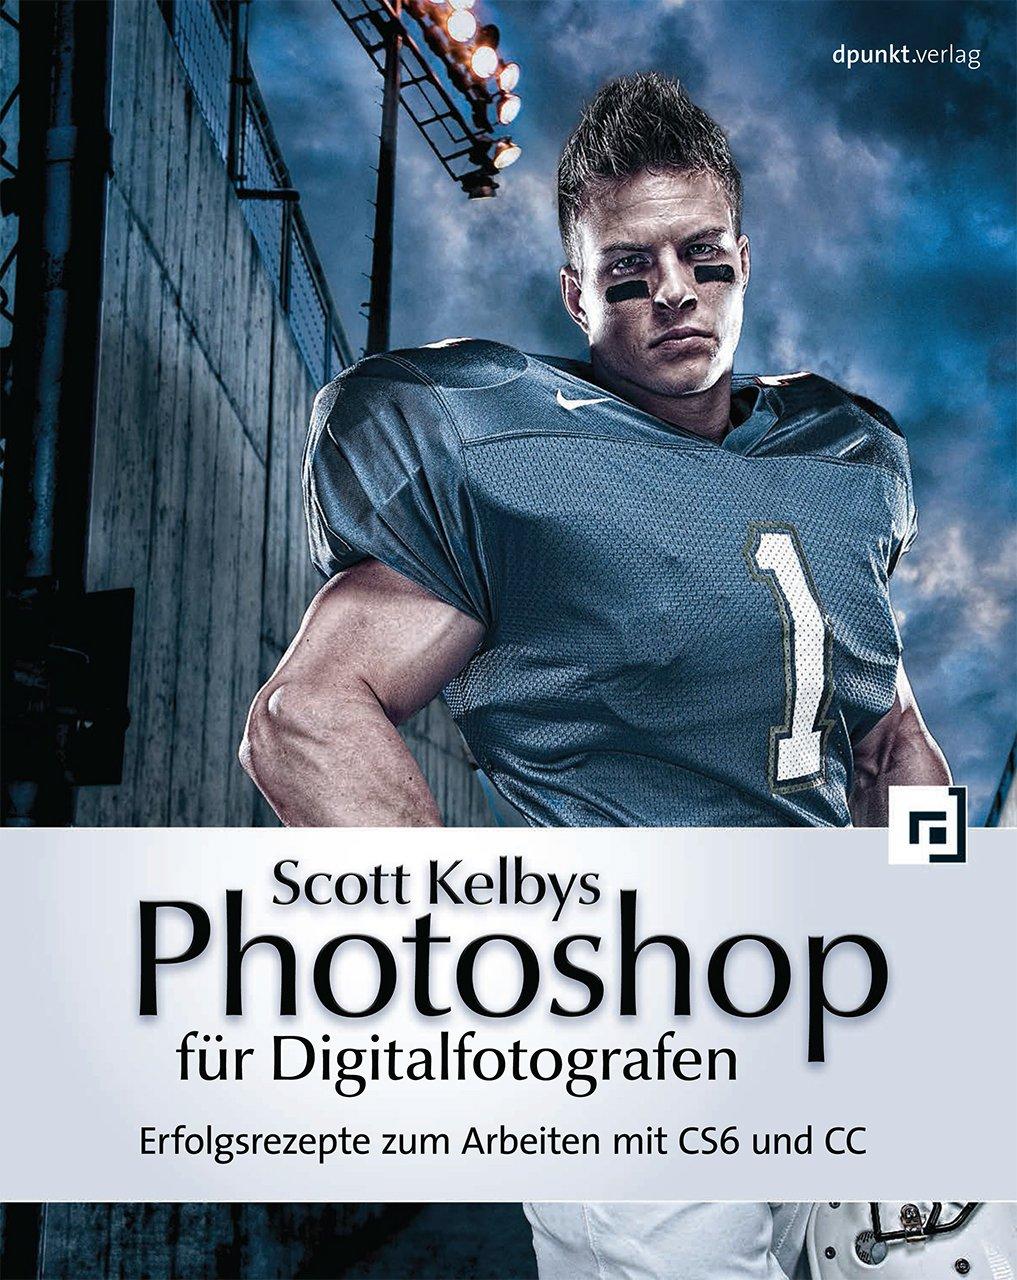 Scott Kelbys Photoshop für Digitalfotografen: Erfolgsrezepte zum Arbeiten mit CS6 und CC